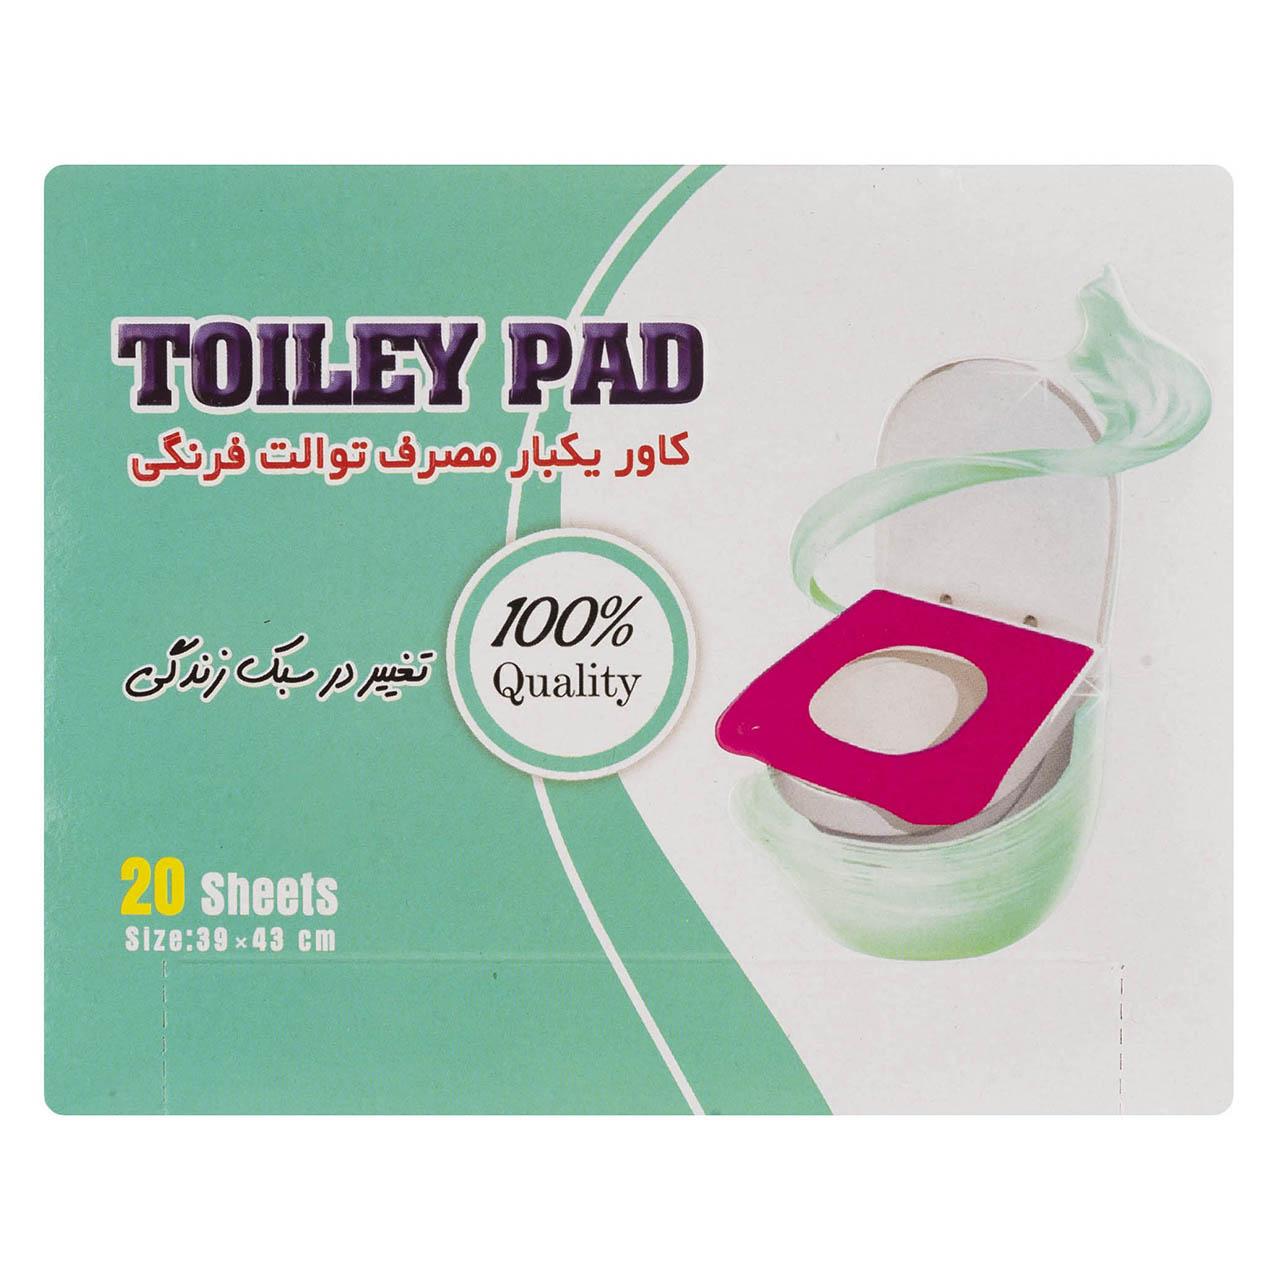 روکش یکبار مصرف توالت فرنگی پاکنام بی بافت مدل Toiley Pad بسته 20 عددی